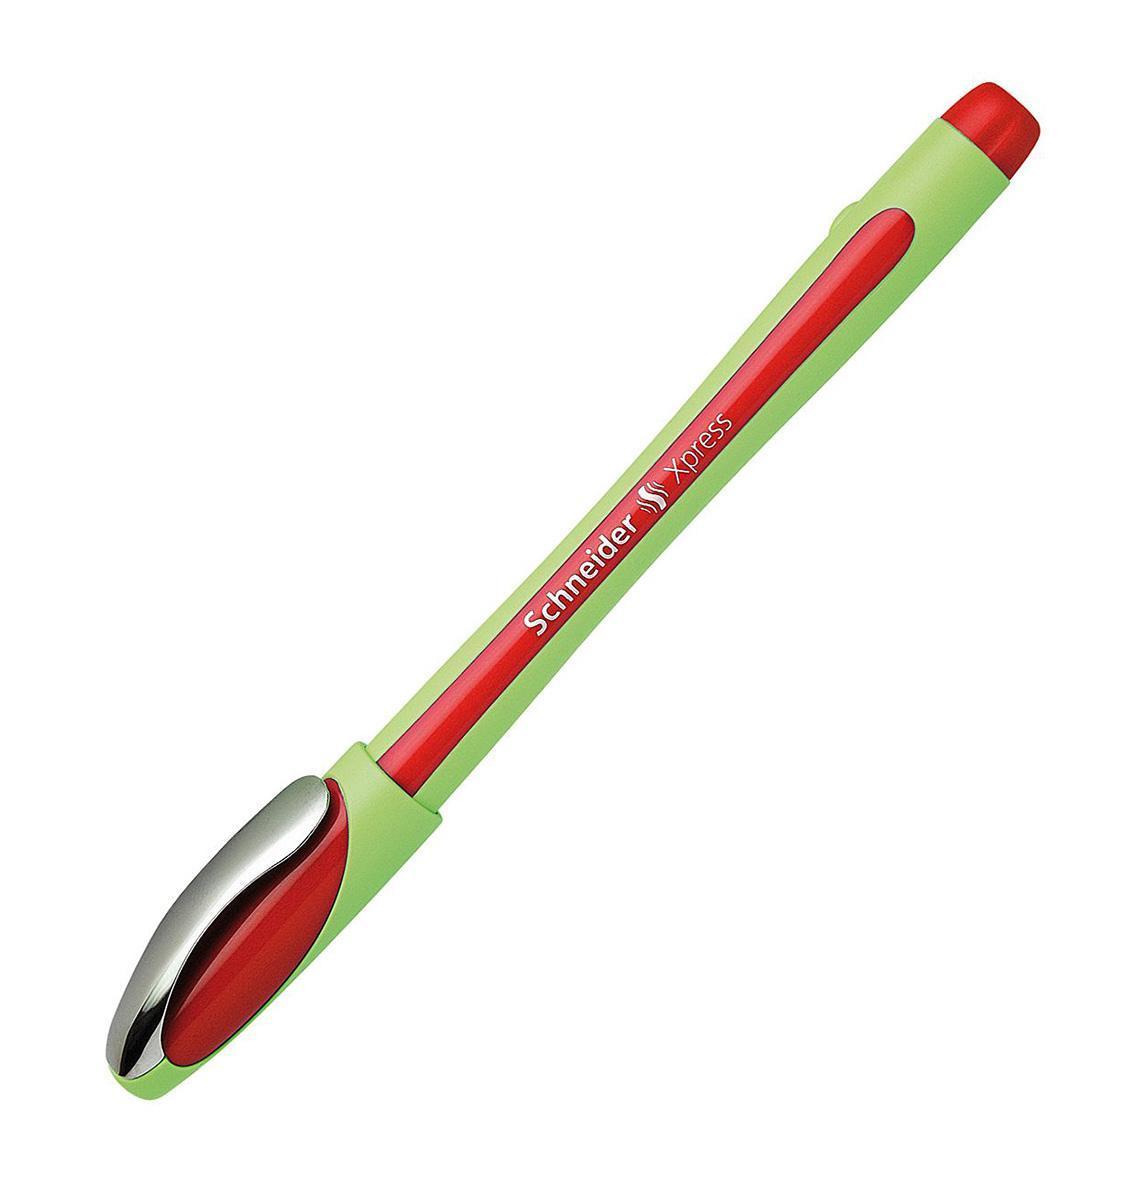 Ручка капиллярная XPRESS; 0,8 мм, красный цвет чернил.